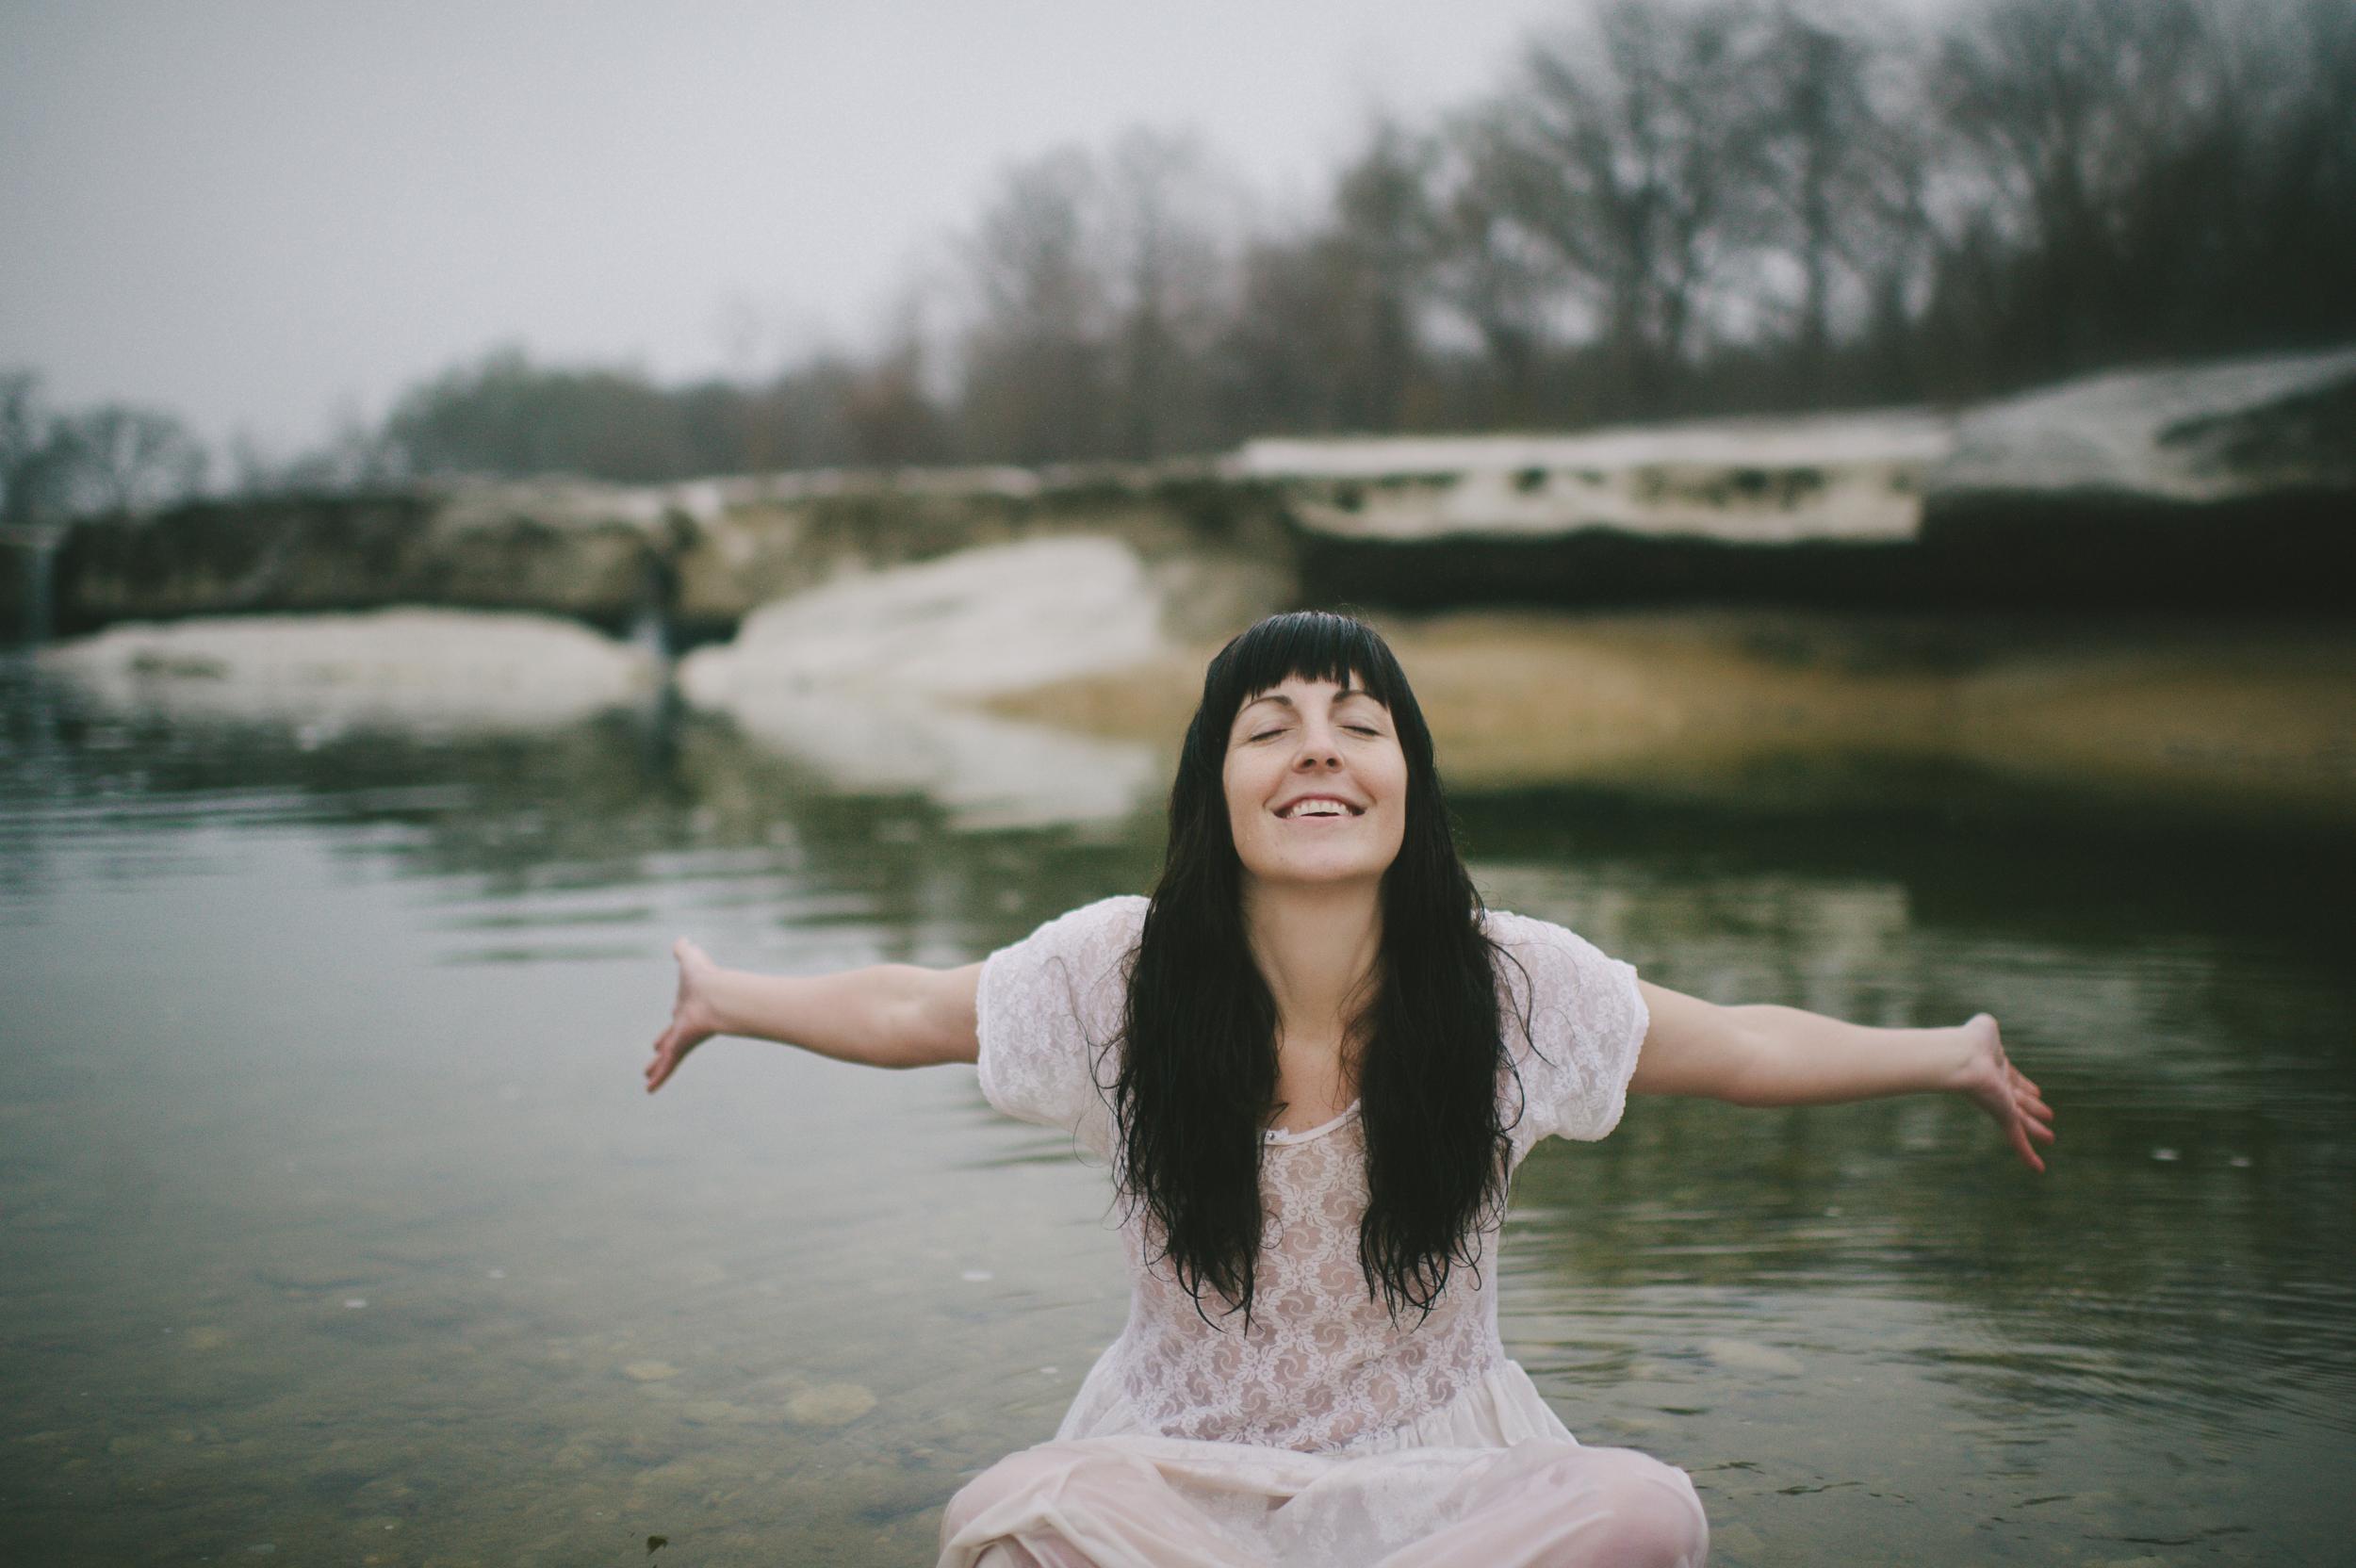 river-story-joy-gardella184.JPG